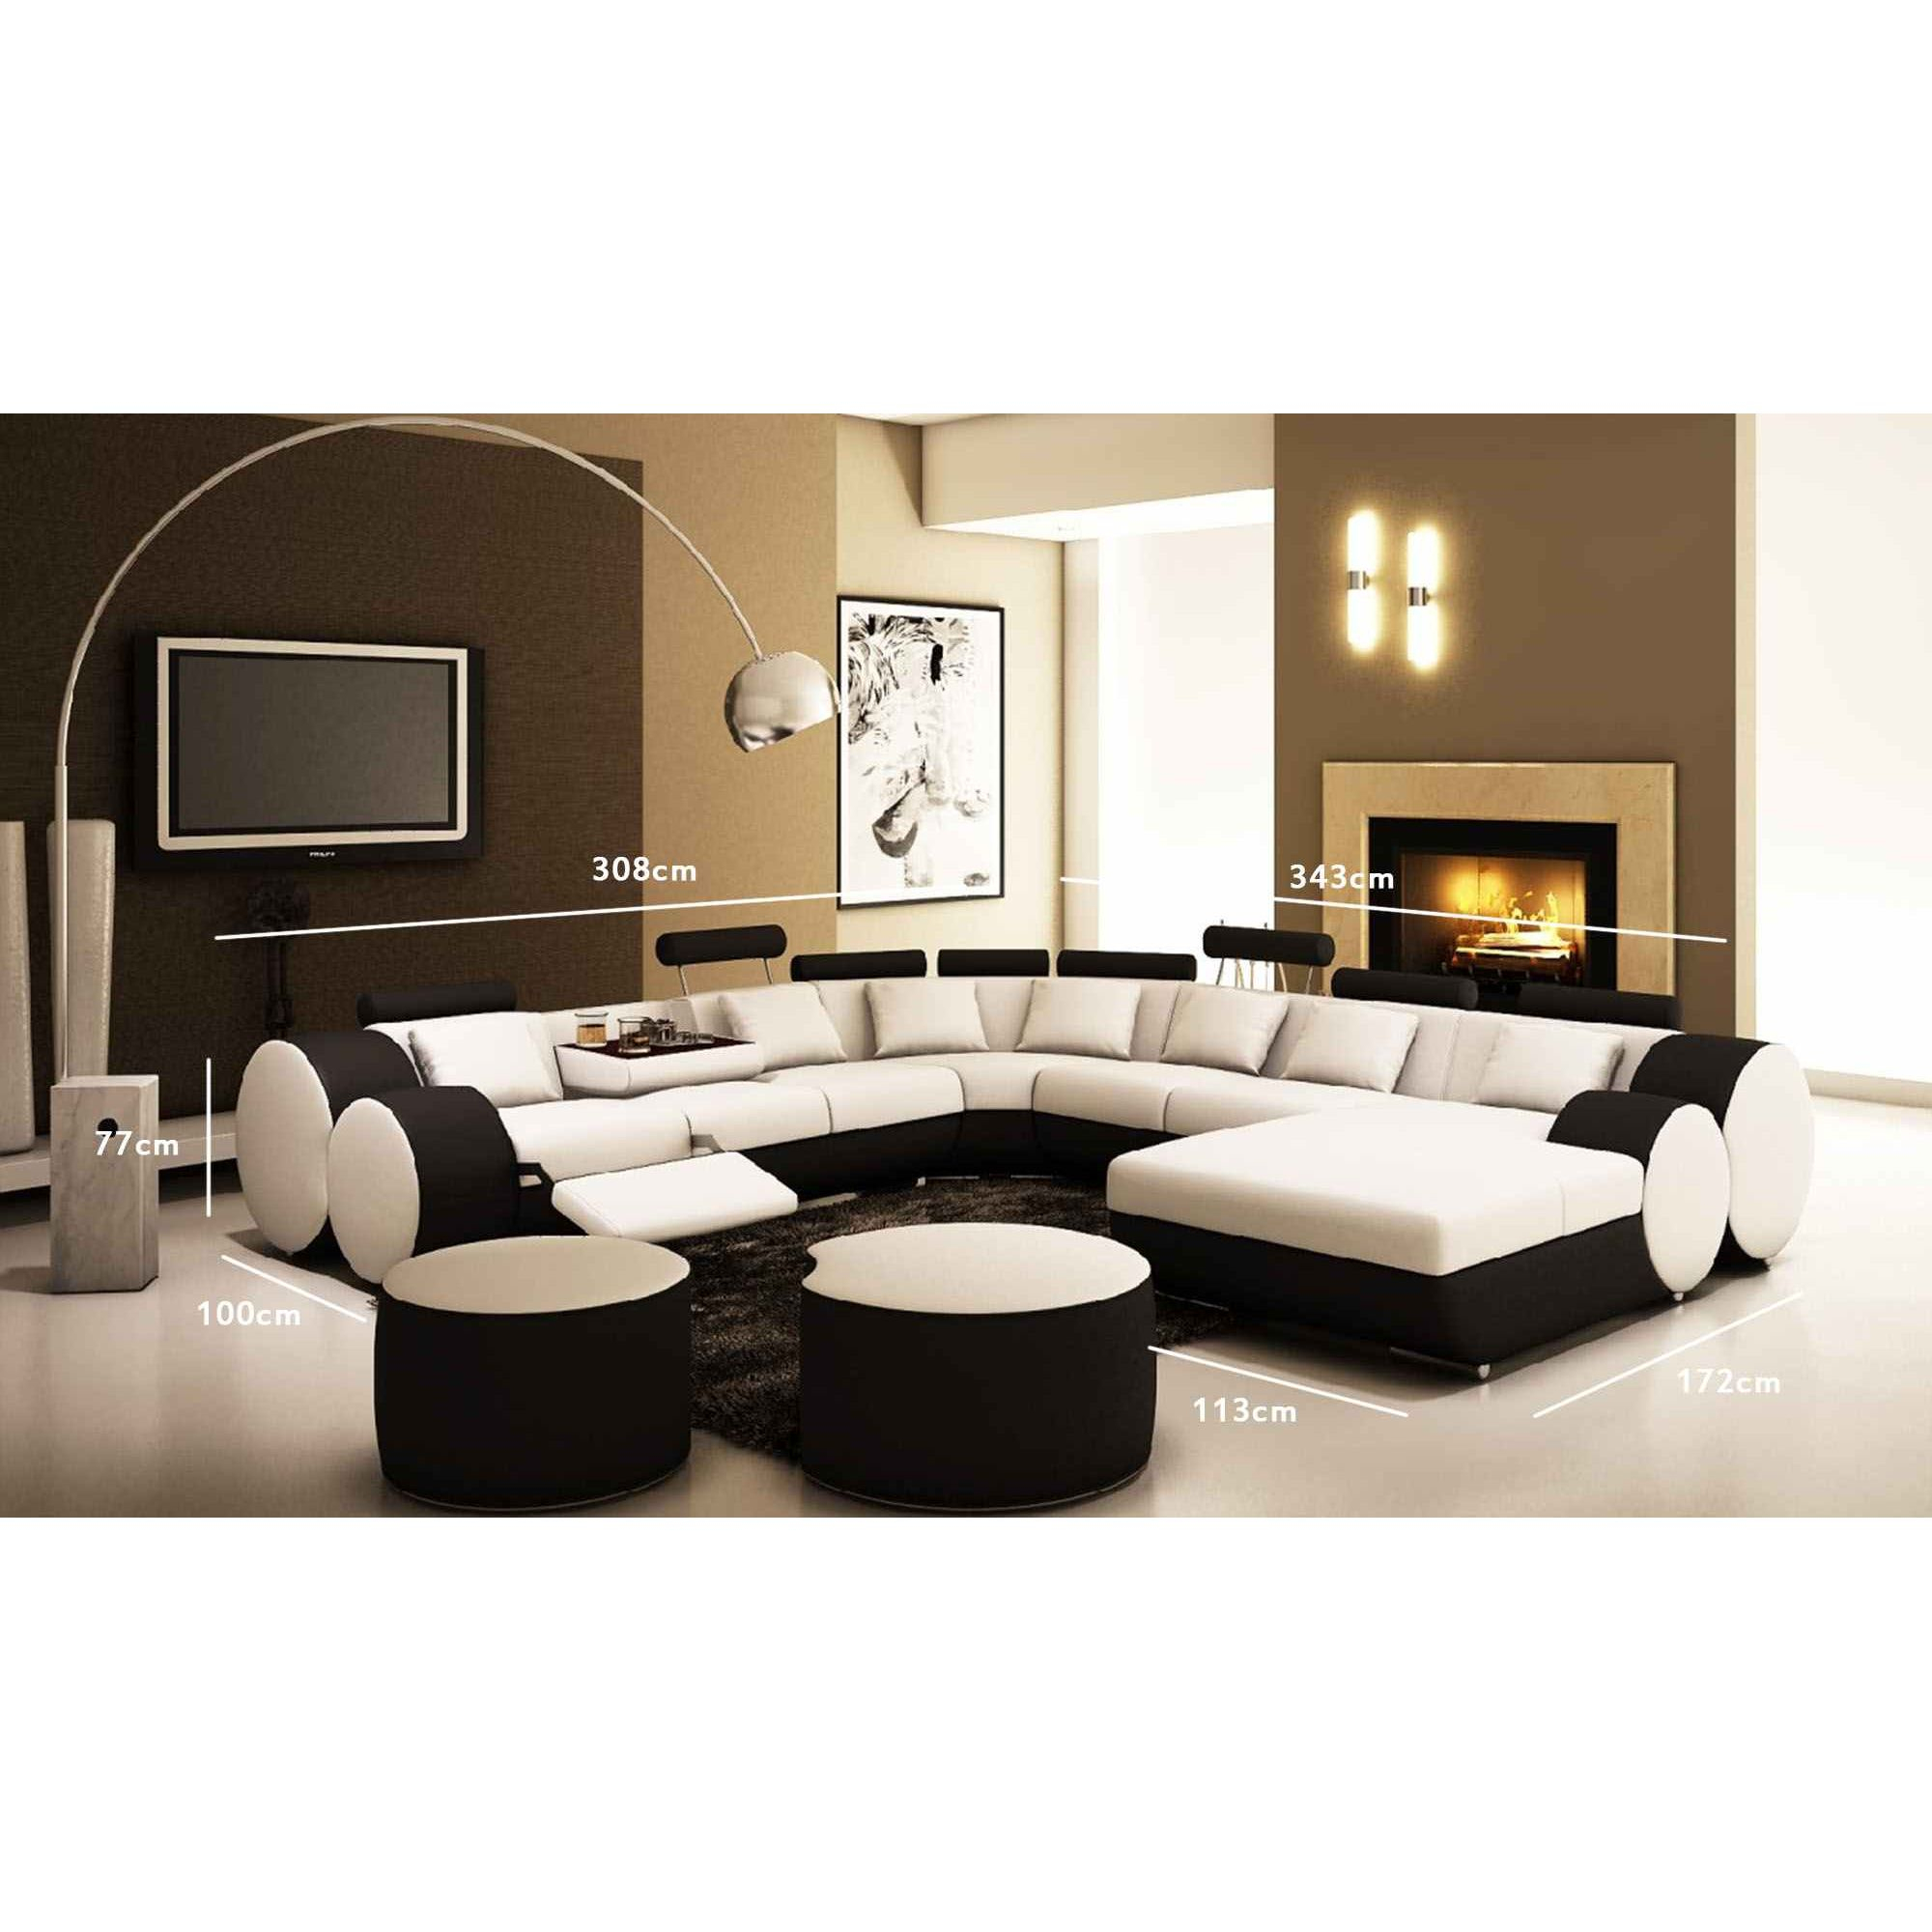 Canapé D'angle Panoramique Design En Cuir Noir Et Blanc Relax Roma encequiconcerne Canape Relax Design